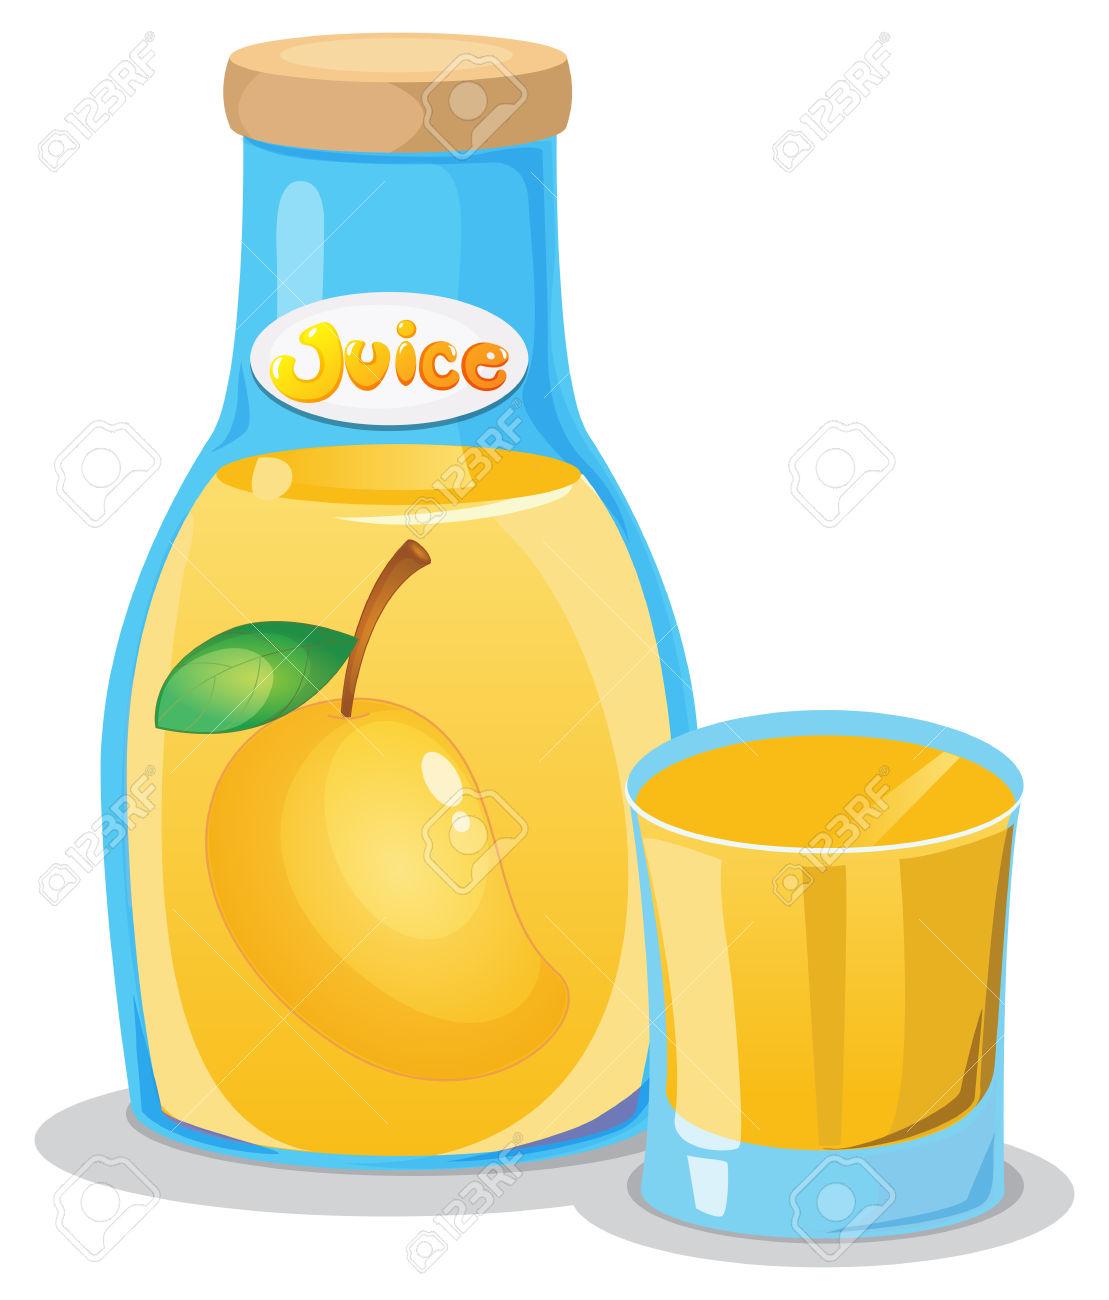 1109x1300 Bottle Clipart Juice Bottle